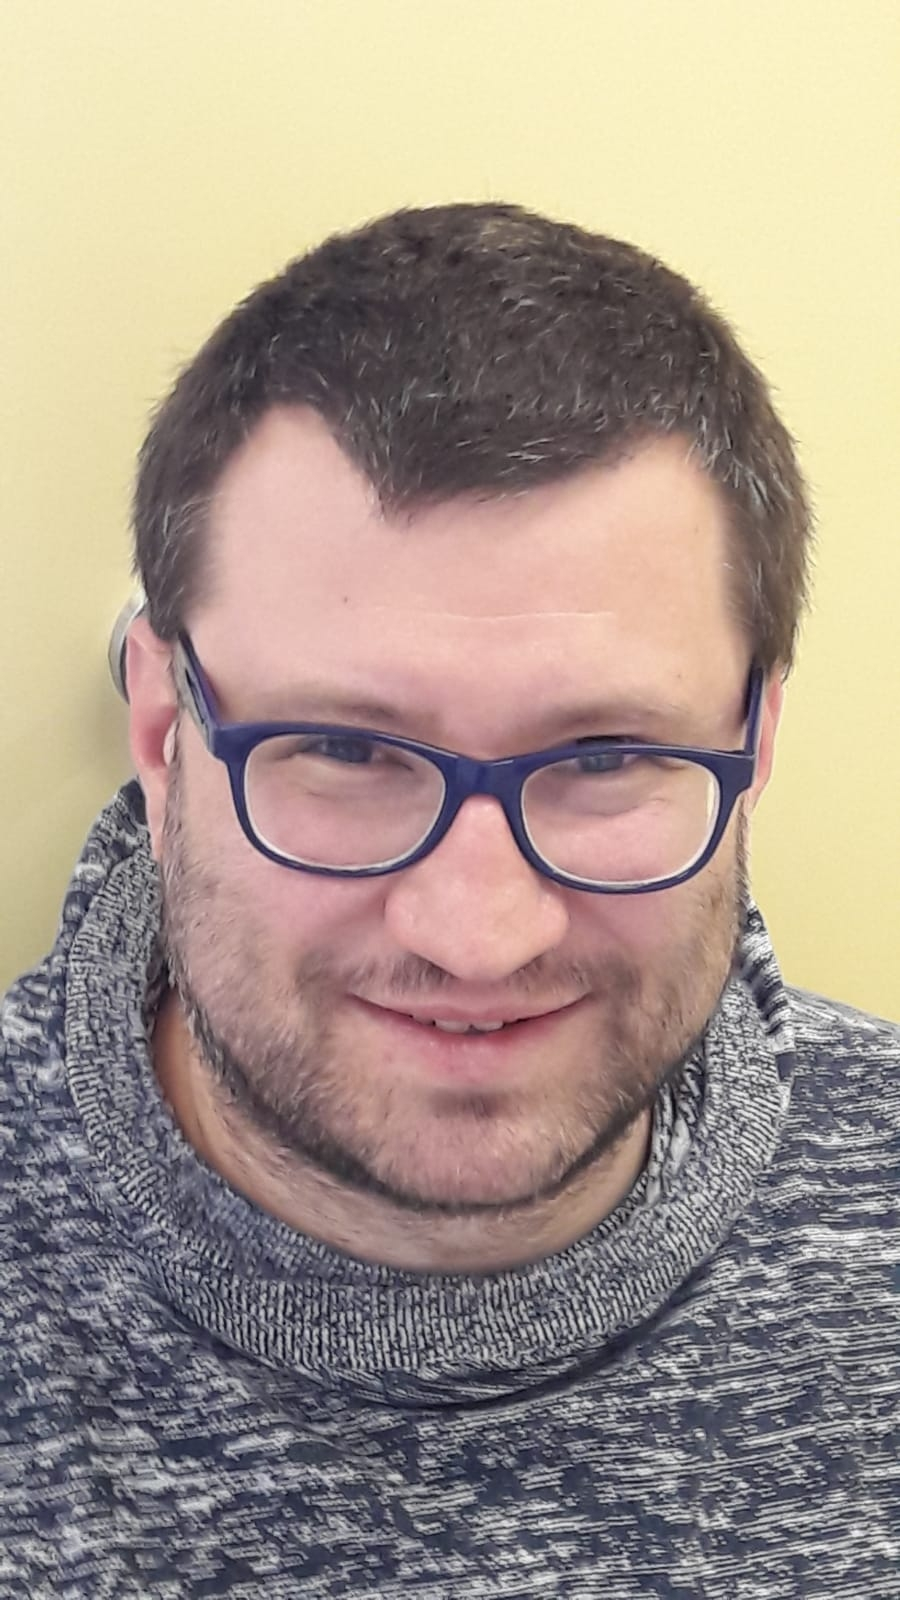 Markus Schalk